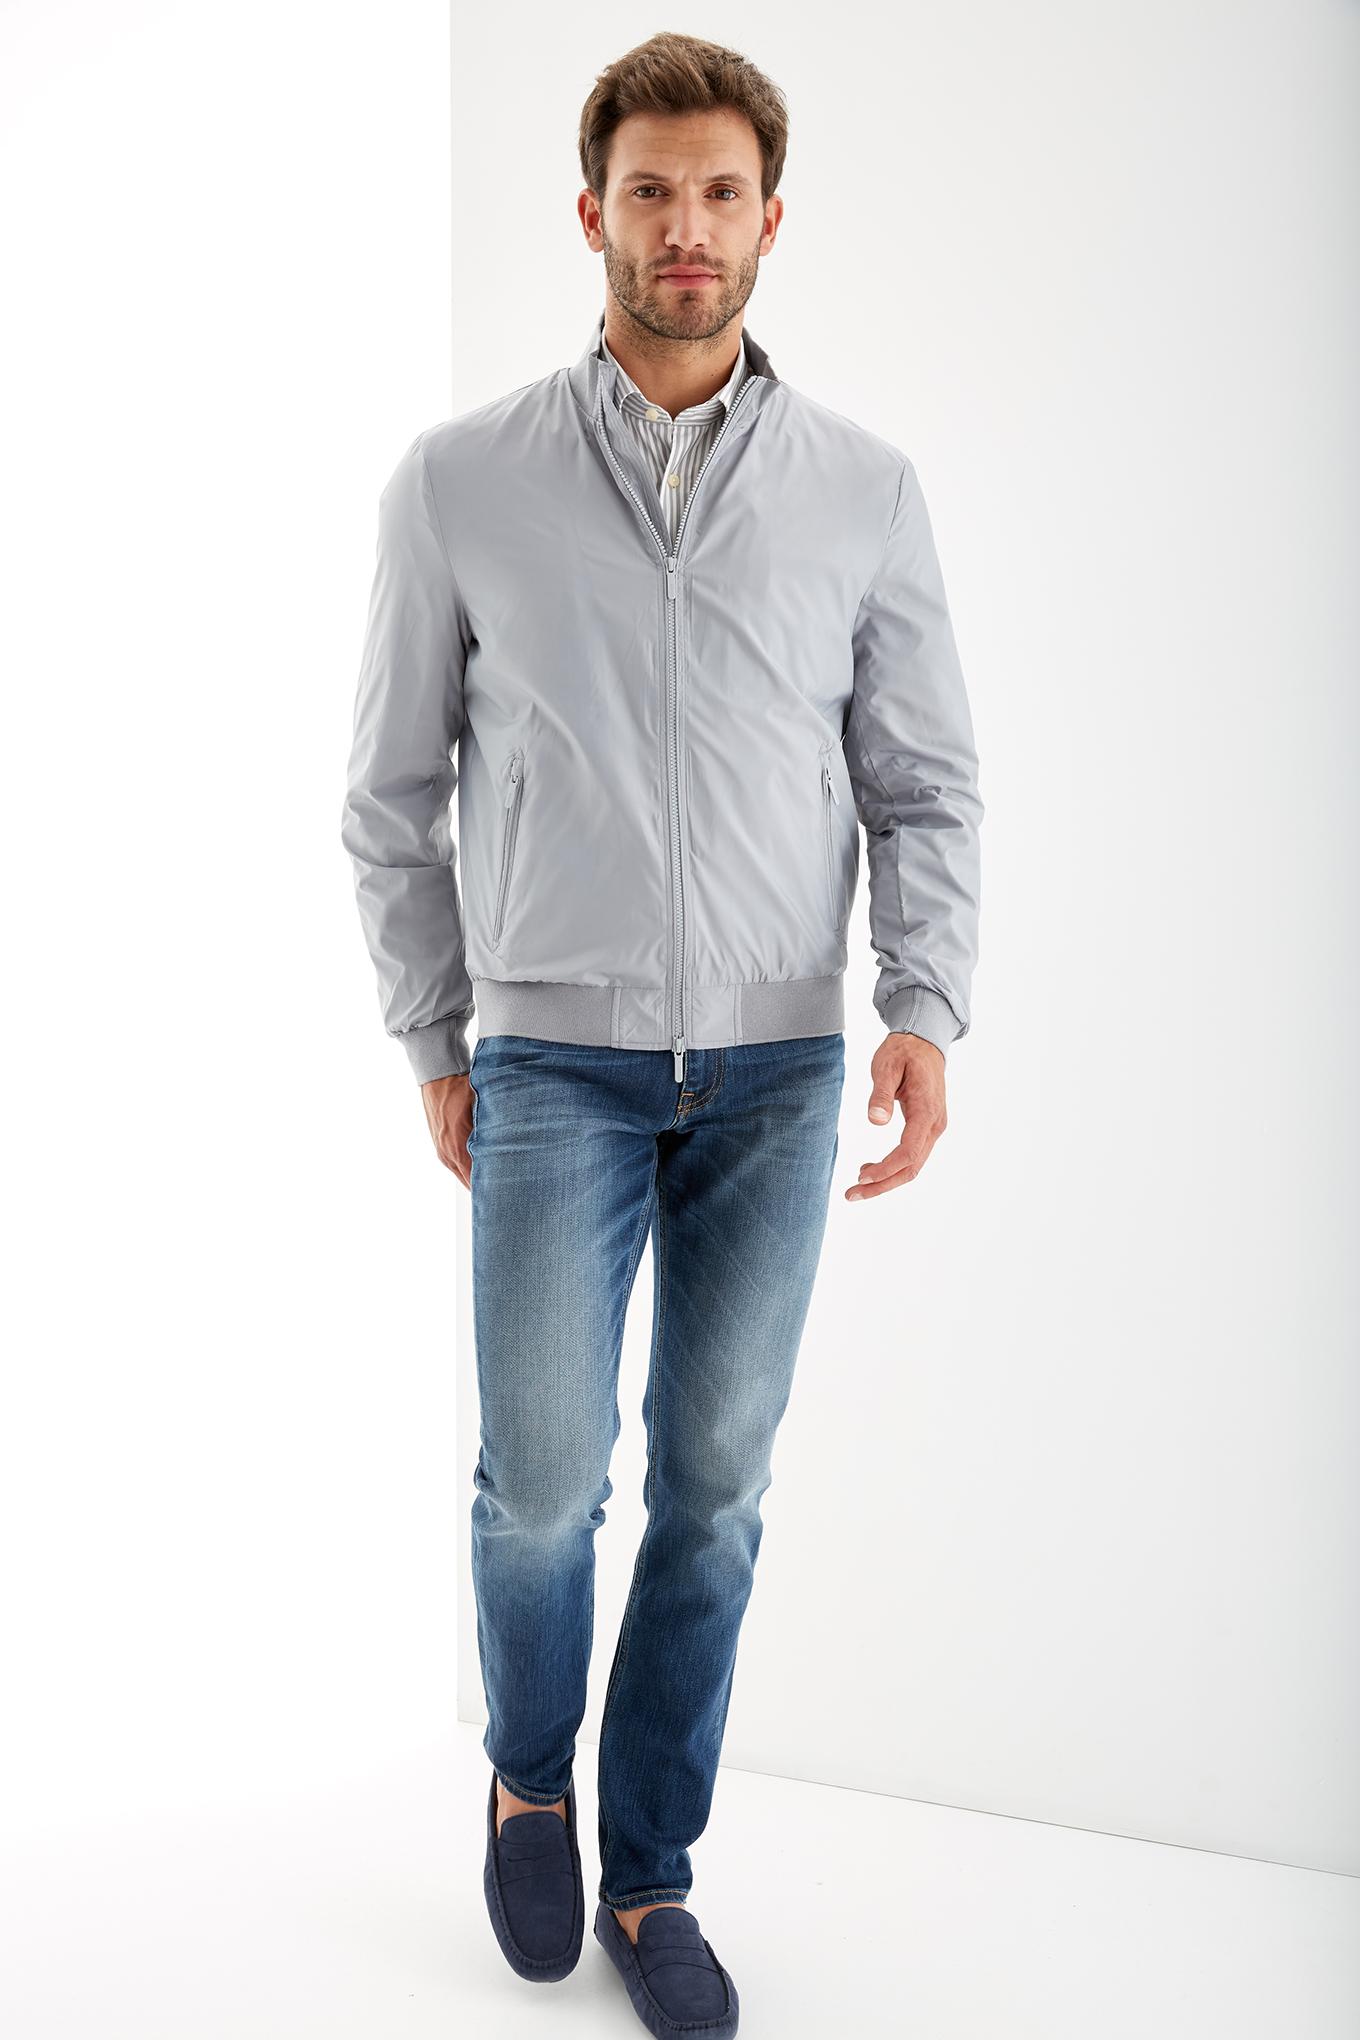 Blusão Cinza Claro Casual Homem